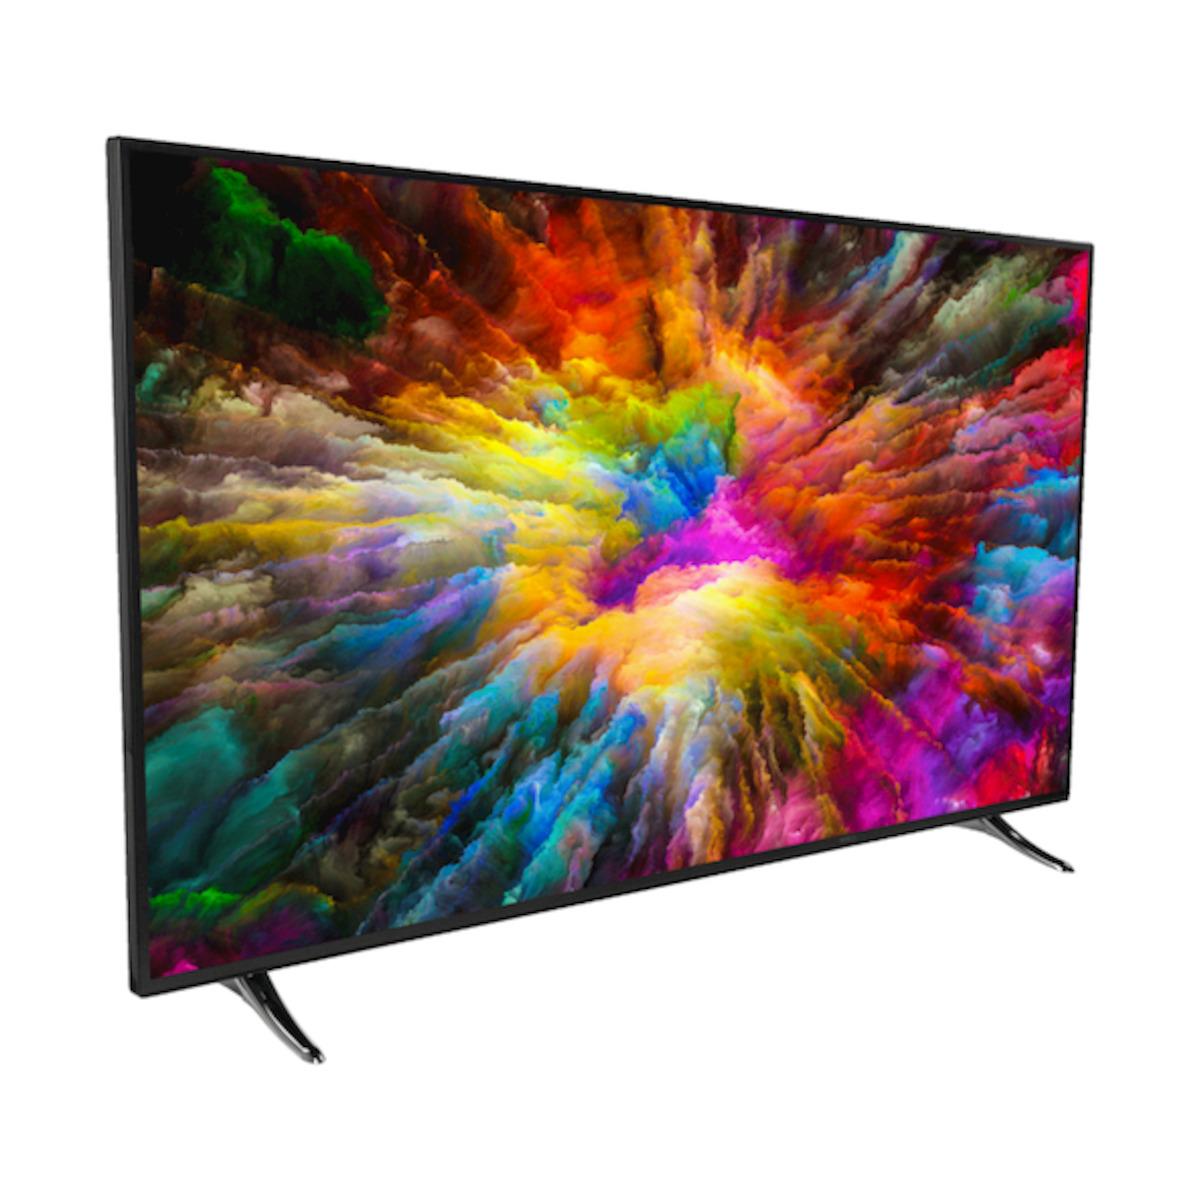 Bild 3 von UHD Smart-TV MEDION LIFE X16506, 163,8 cm (65 Zoll)